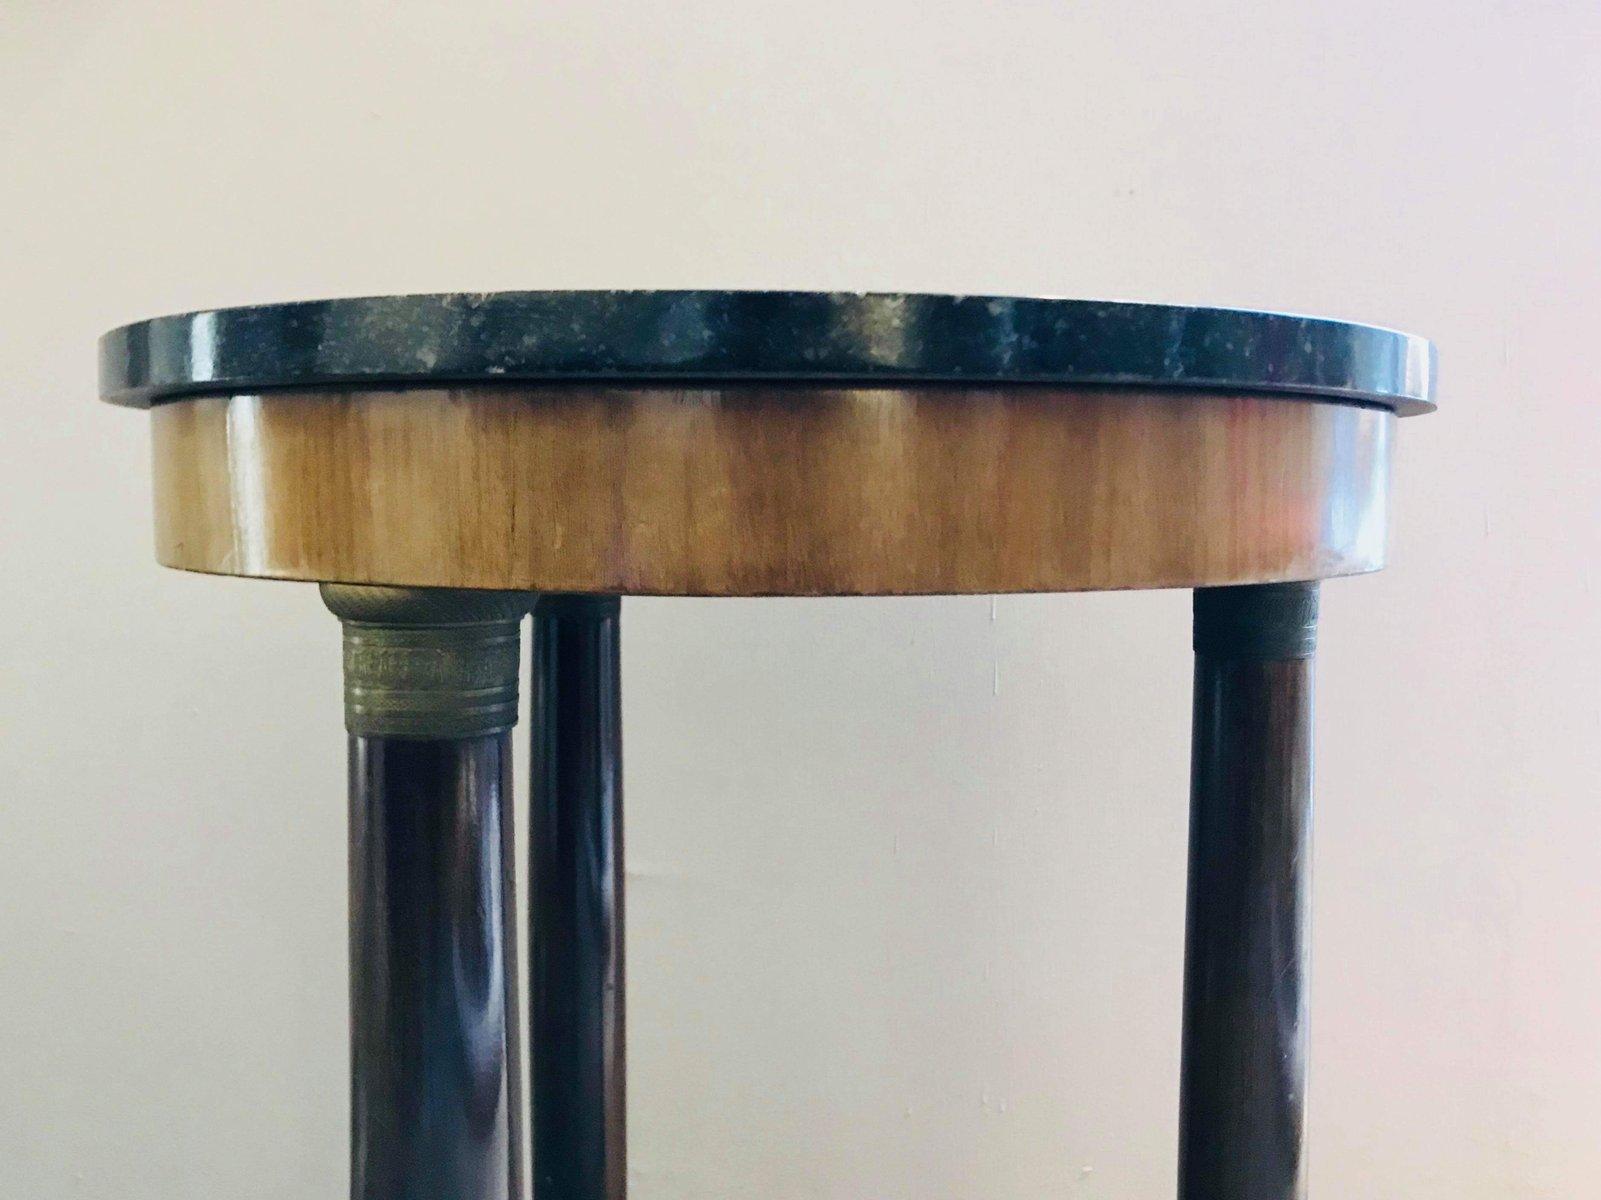 kleiner empire tisch mit st tzs ulen bronze eins tzen aus holz und schwarzem marmor 1870er. Black Bedroom Furniture Sets. Home Design Ideas